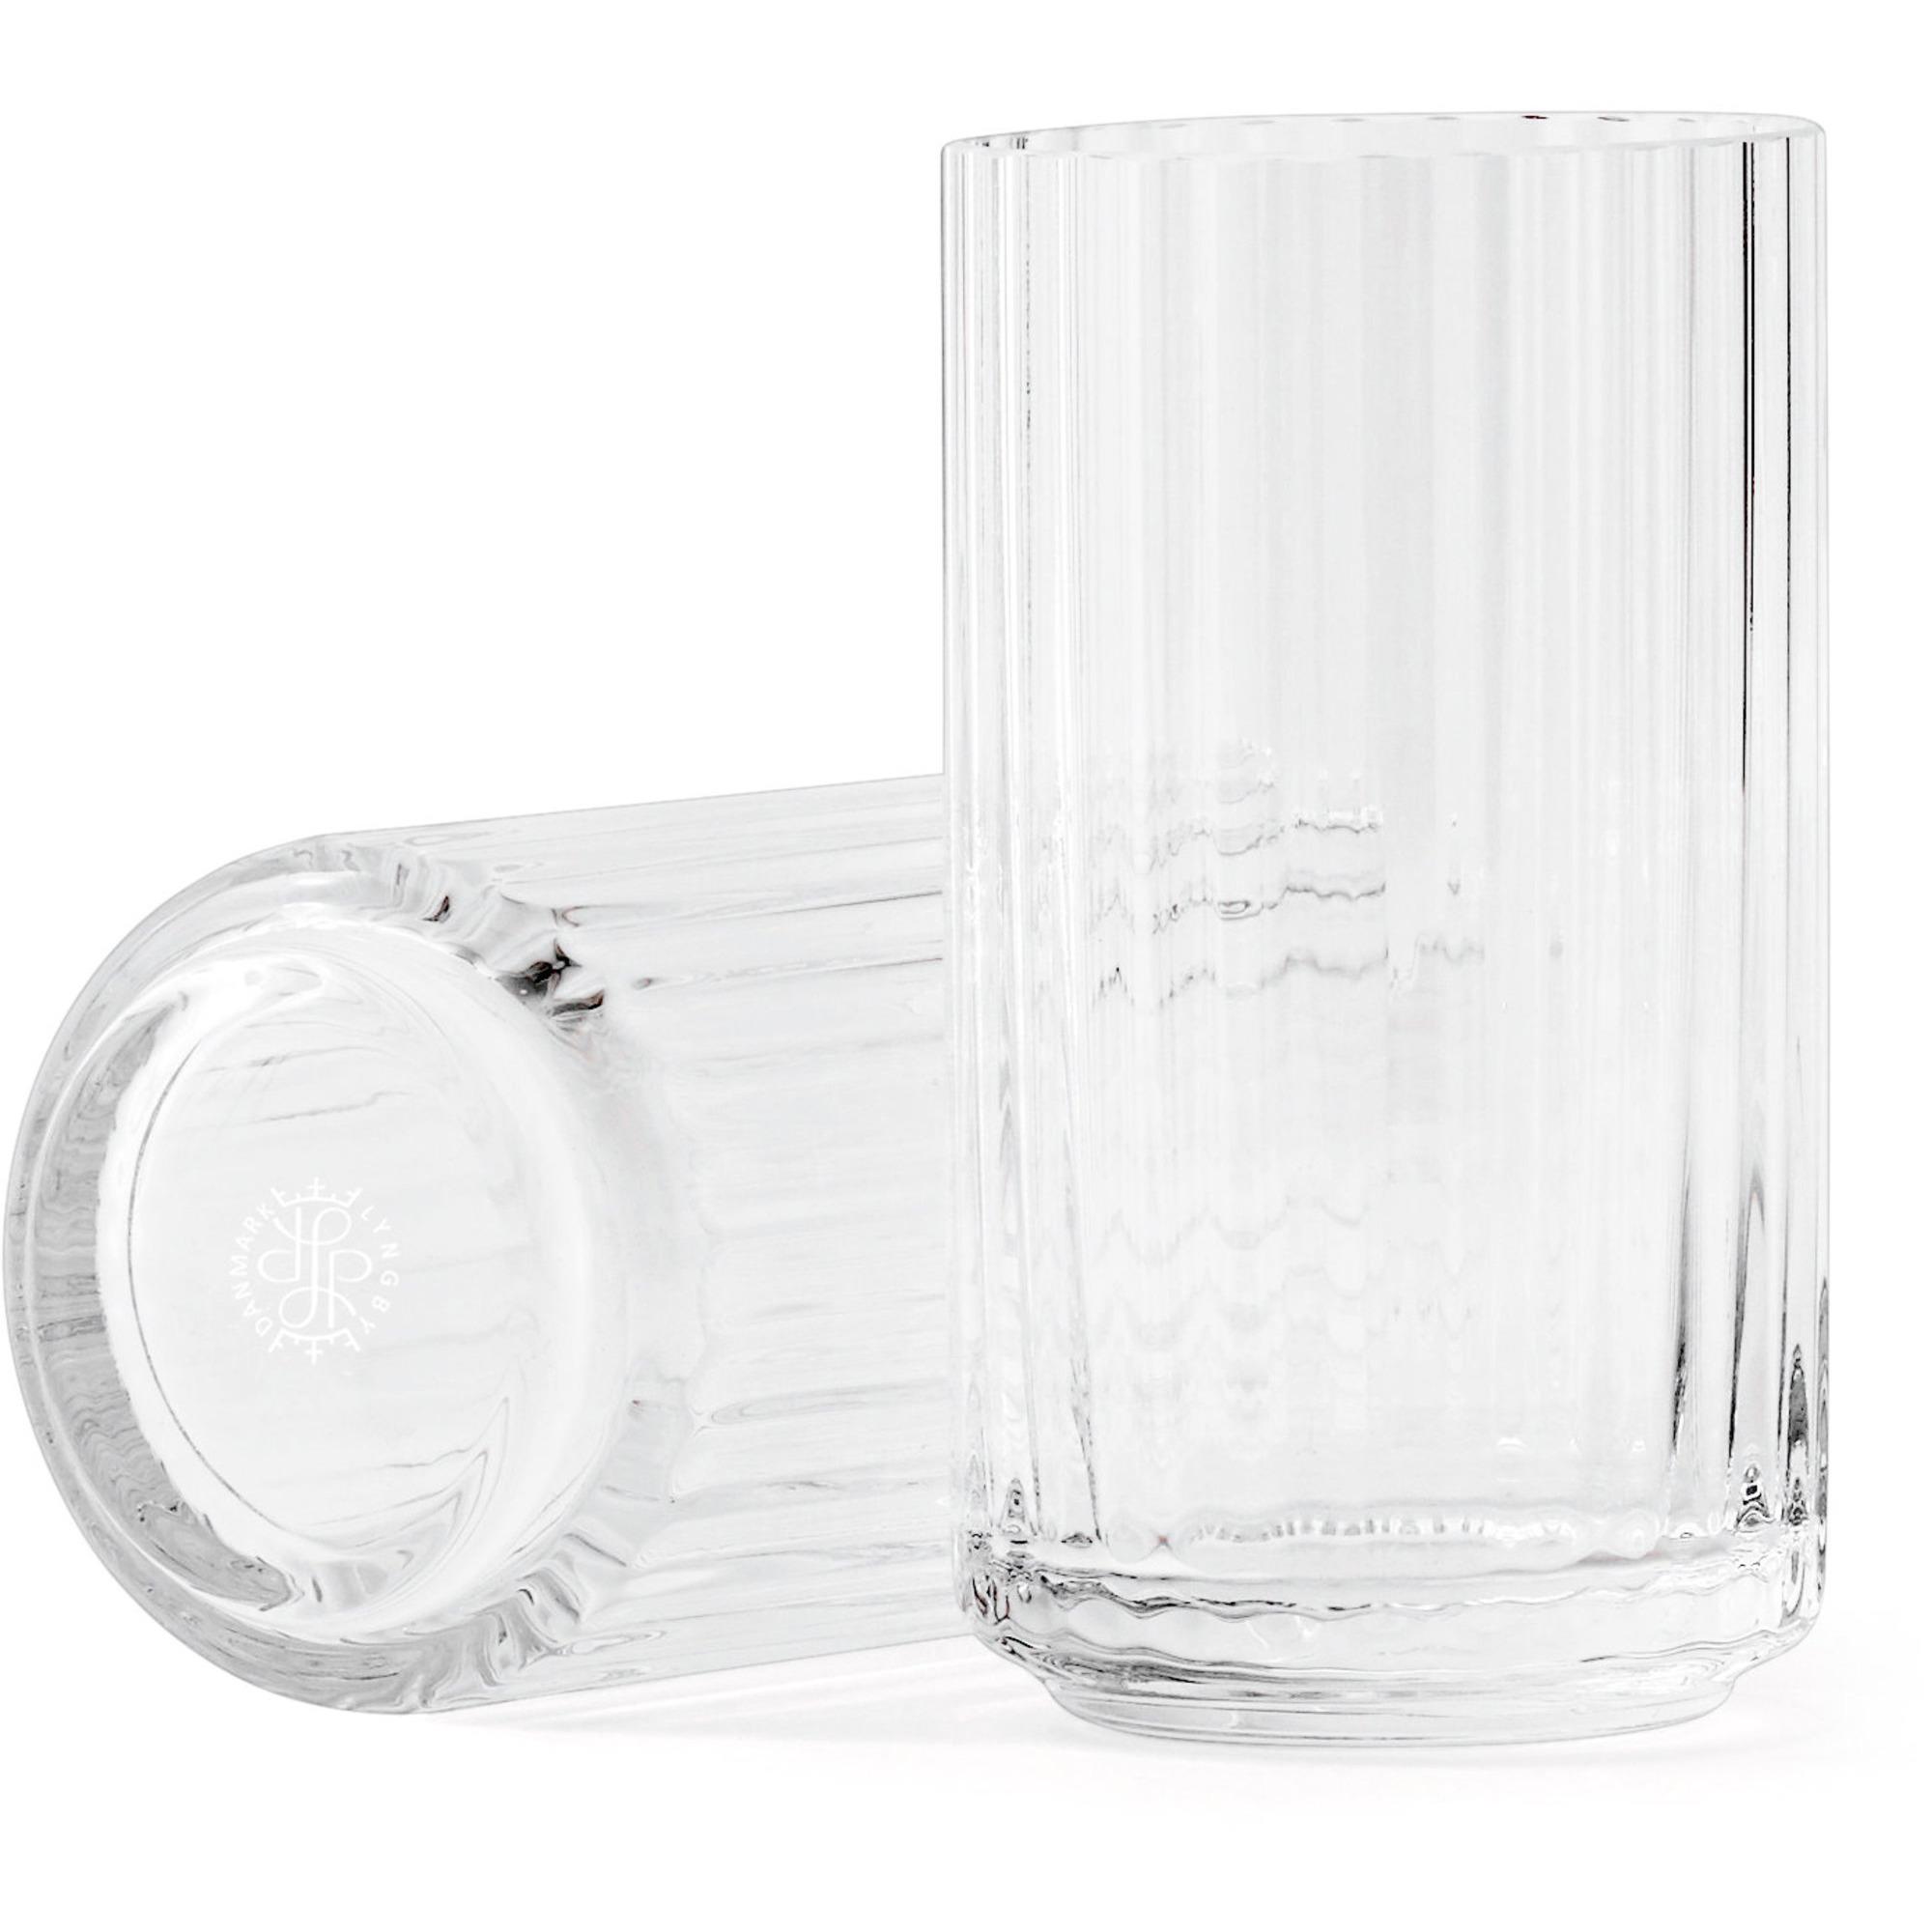 förstärks av glas